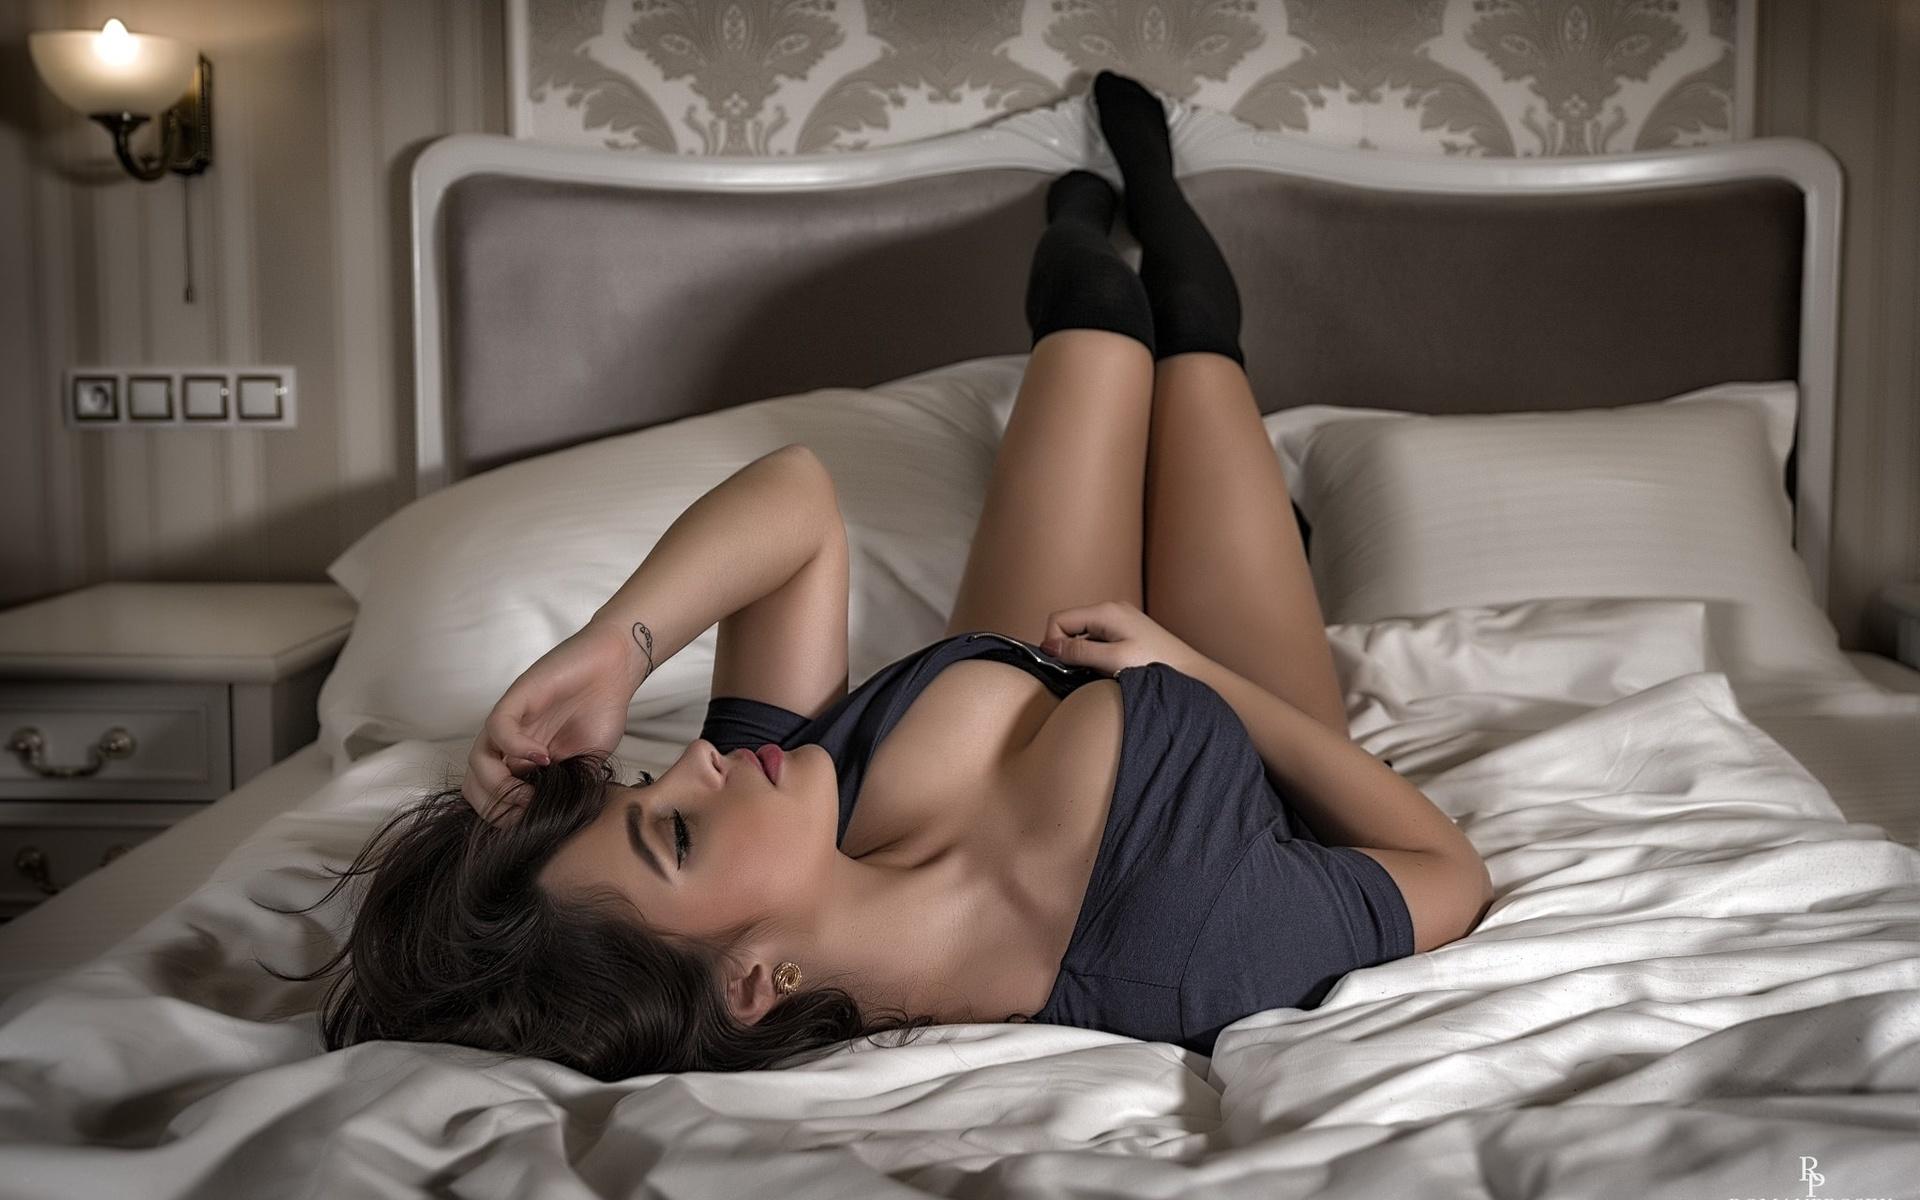 Девушка лежит на кровати, смотреть порно секс с блондинками и с красивыми сиськами